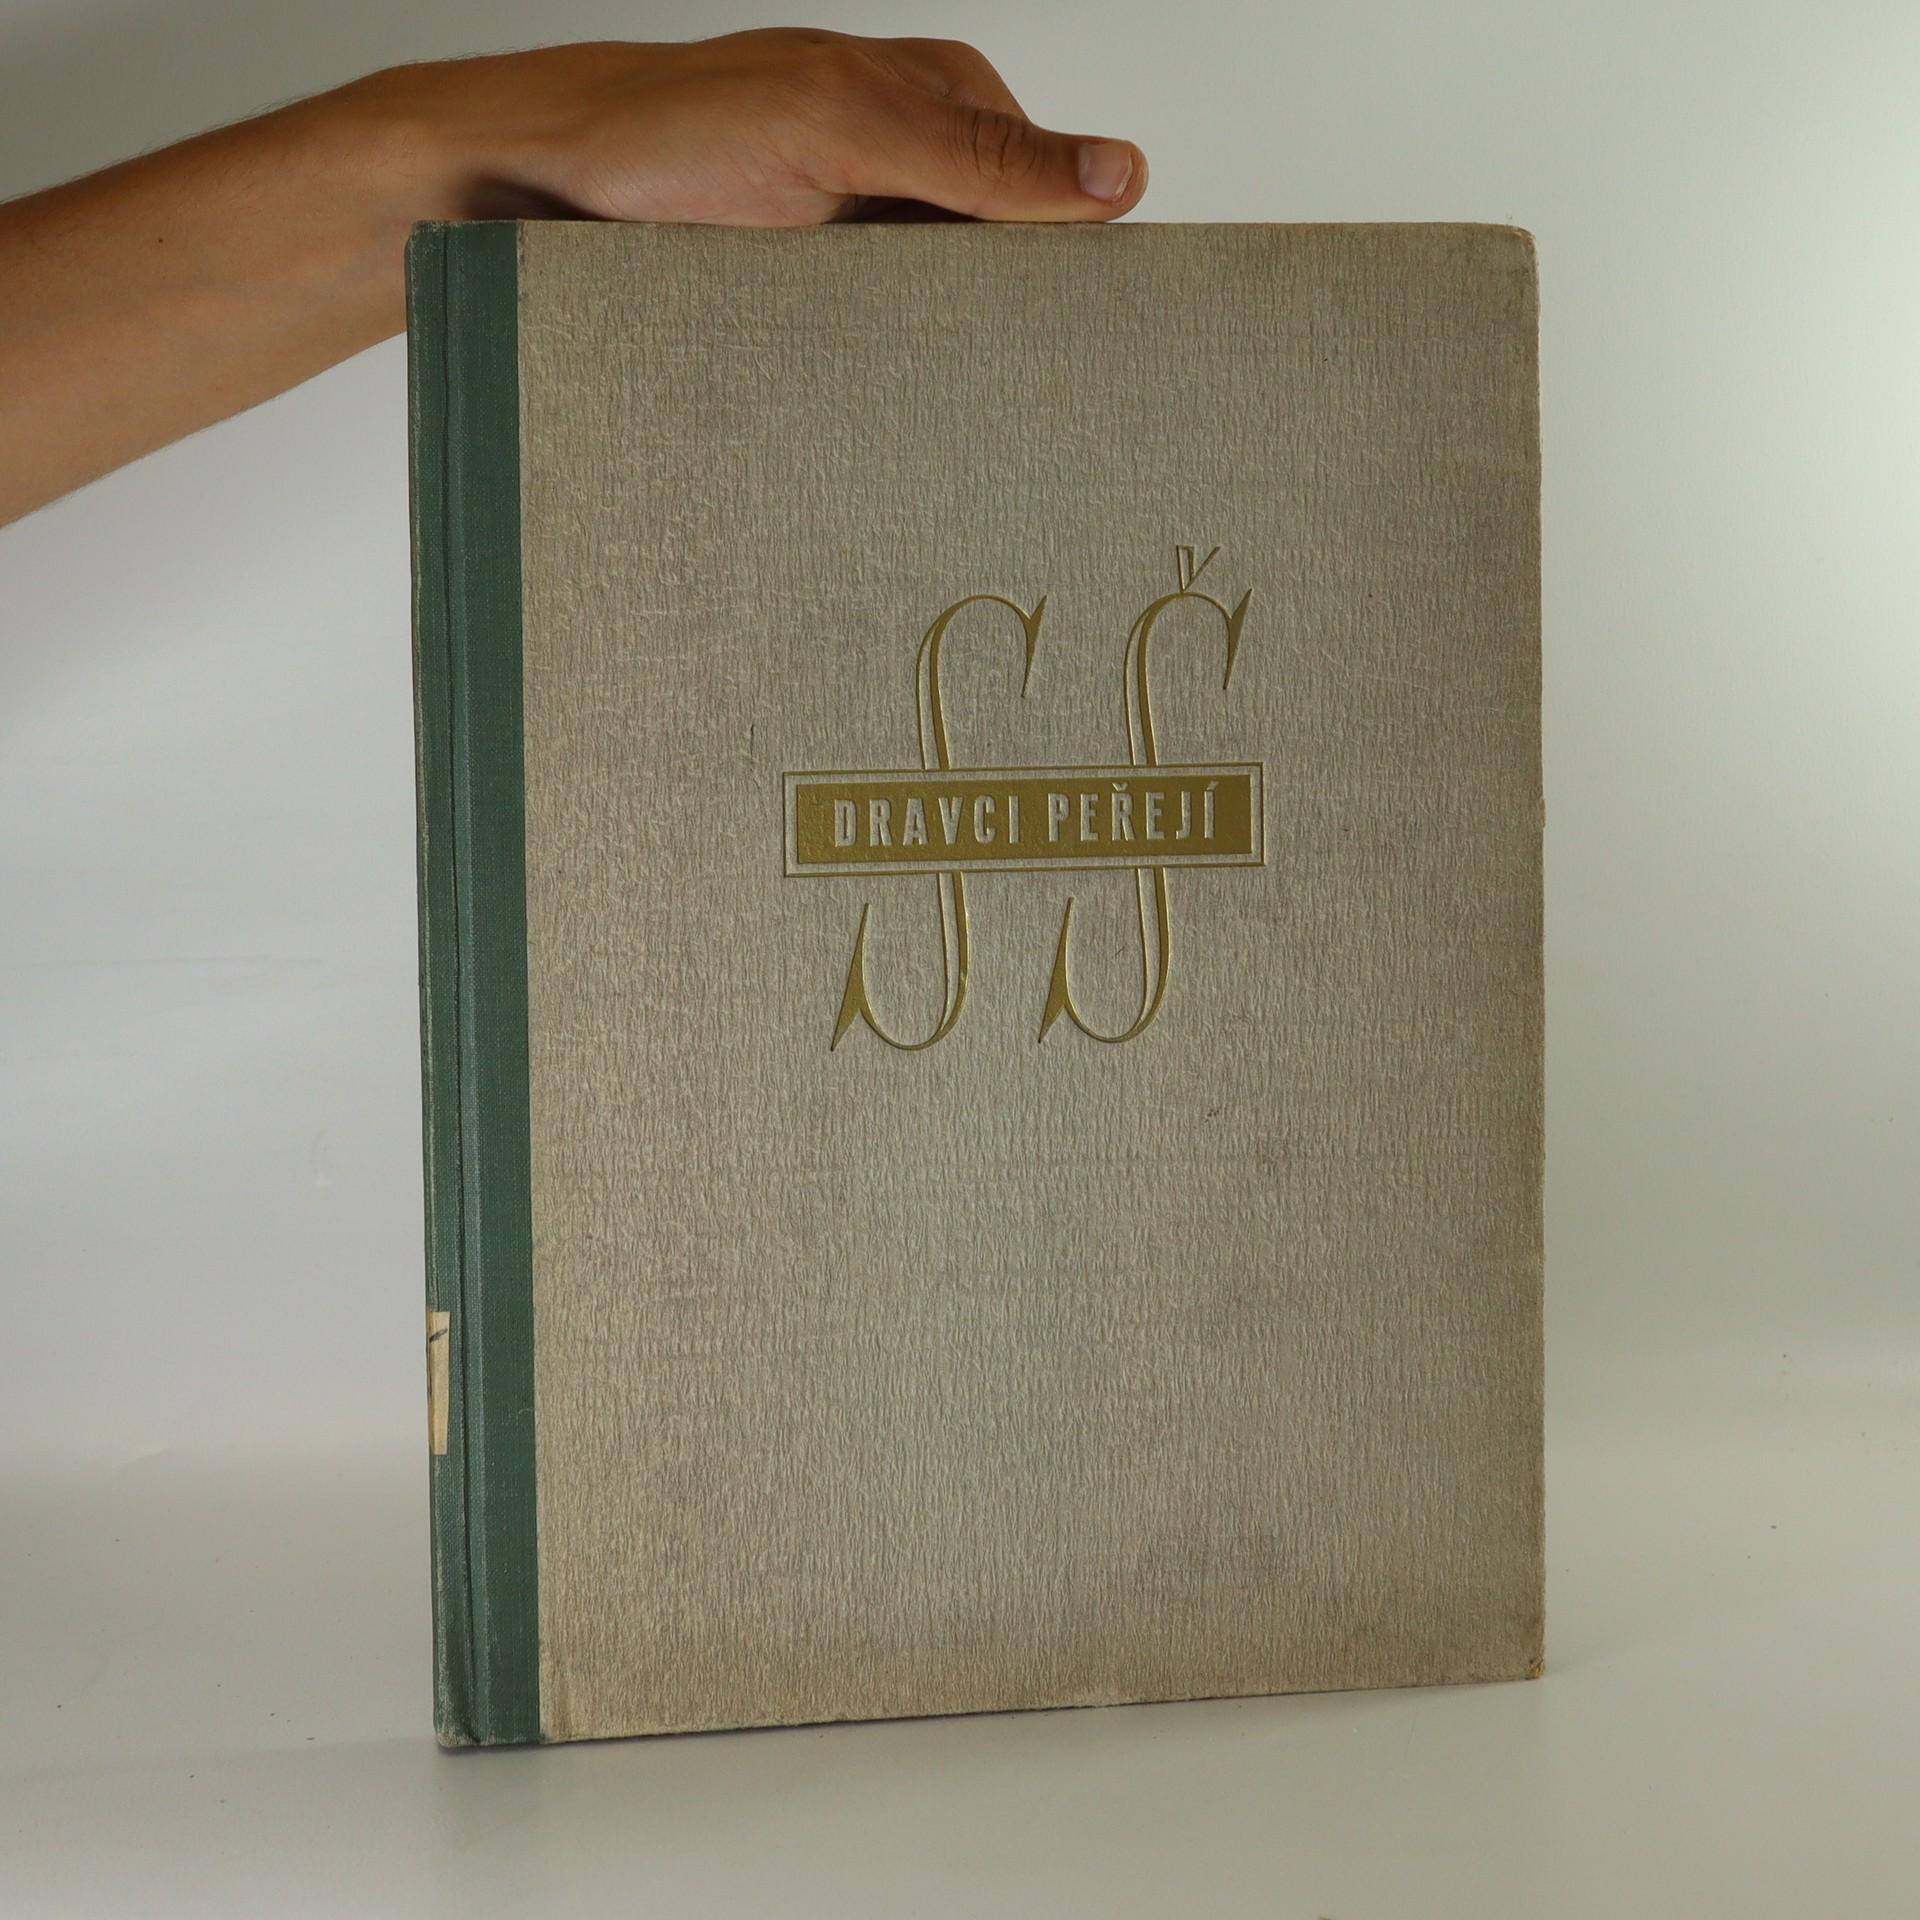 antikvární kniha Dravci peřejí. Sportovní lov a chov lososovitých ryb v československých vodách (je cítit zatuchlinou), 1950